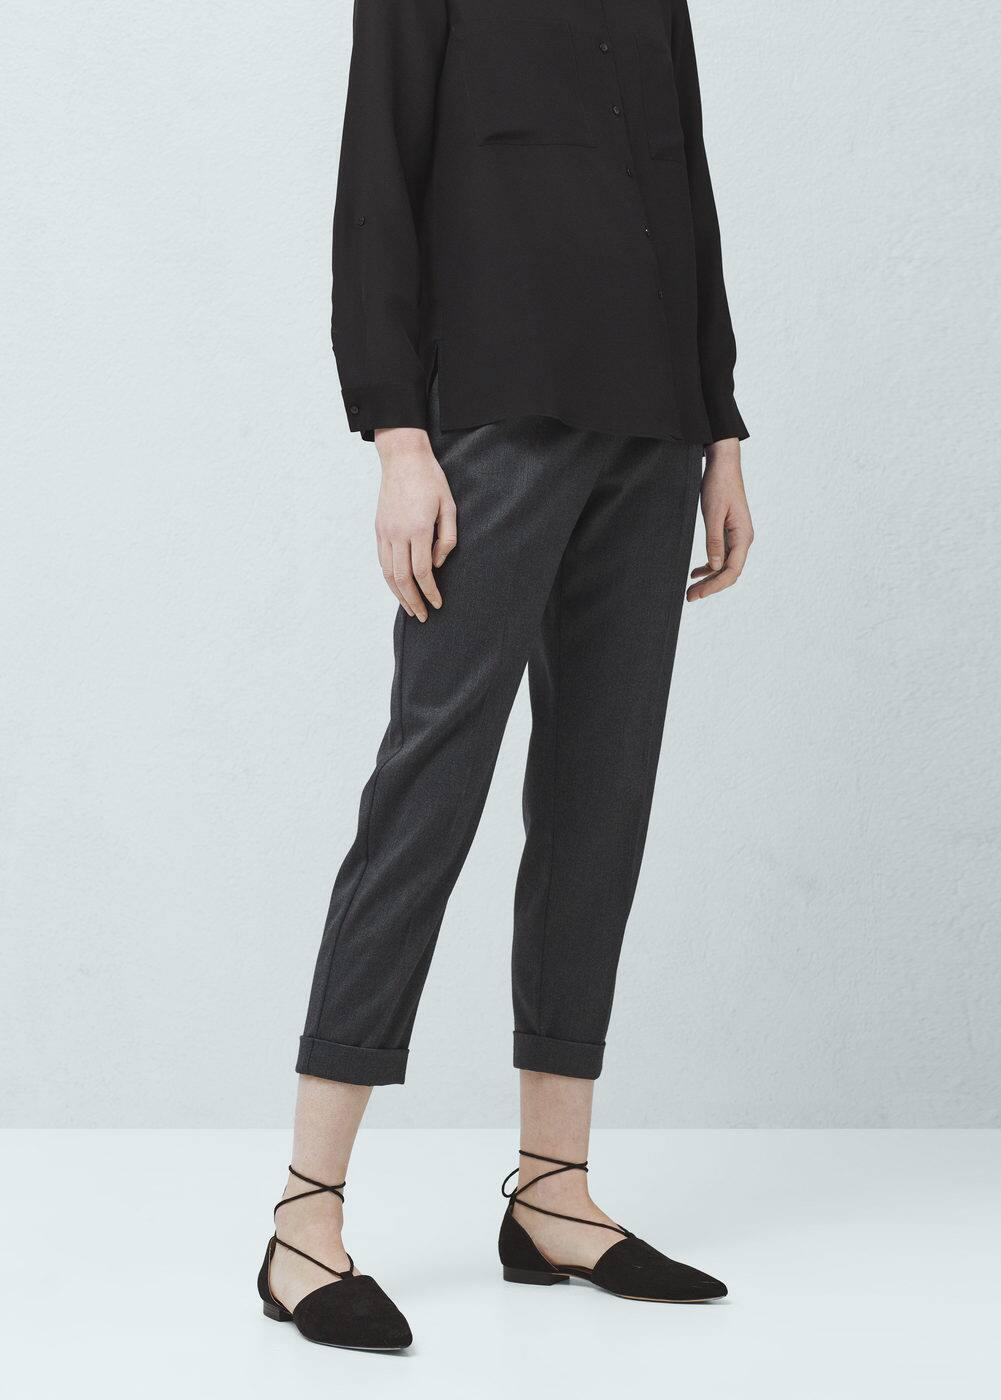 Pantalón diseño espiga - Mujer | MANGO España